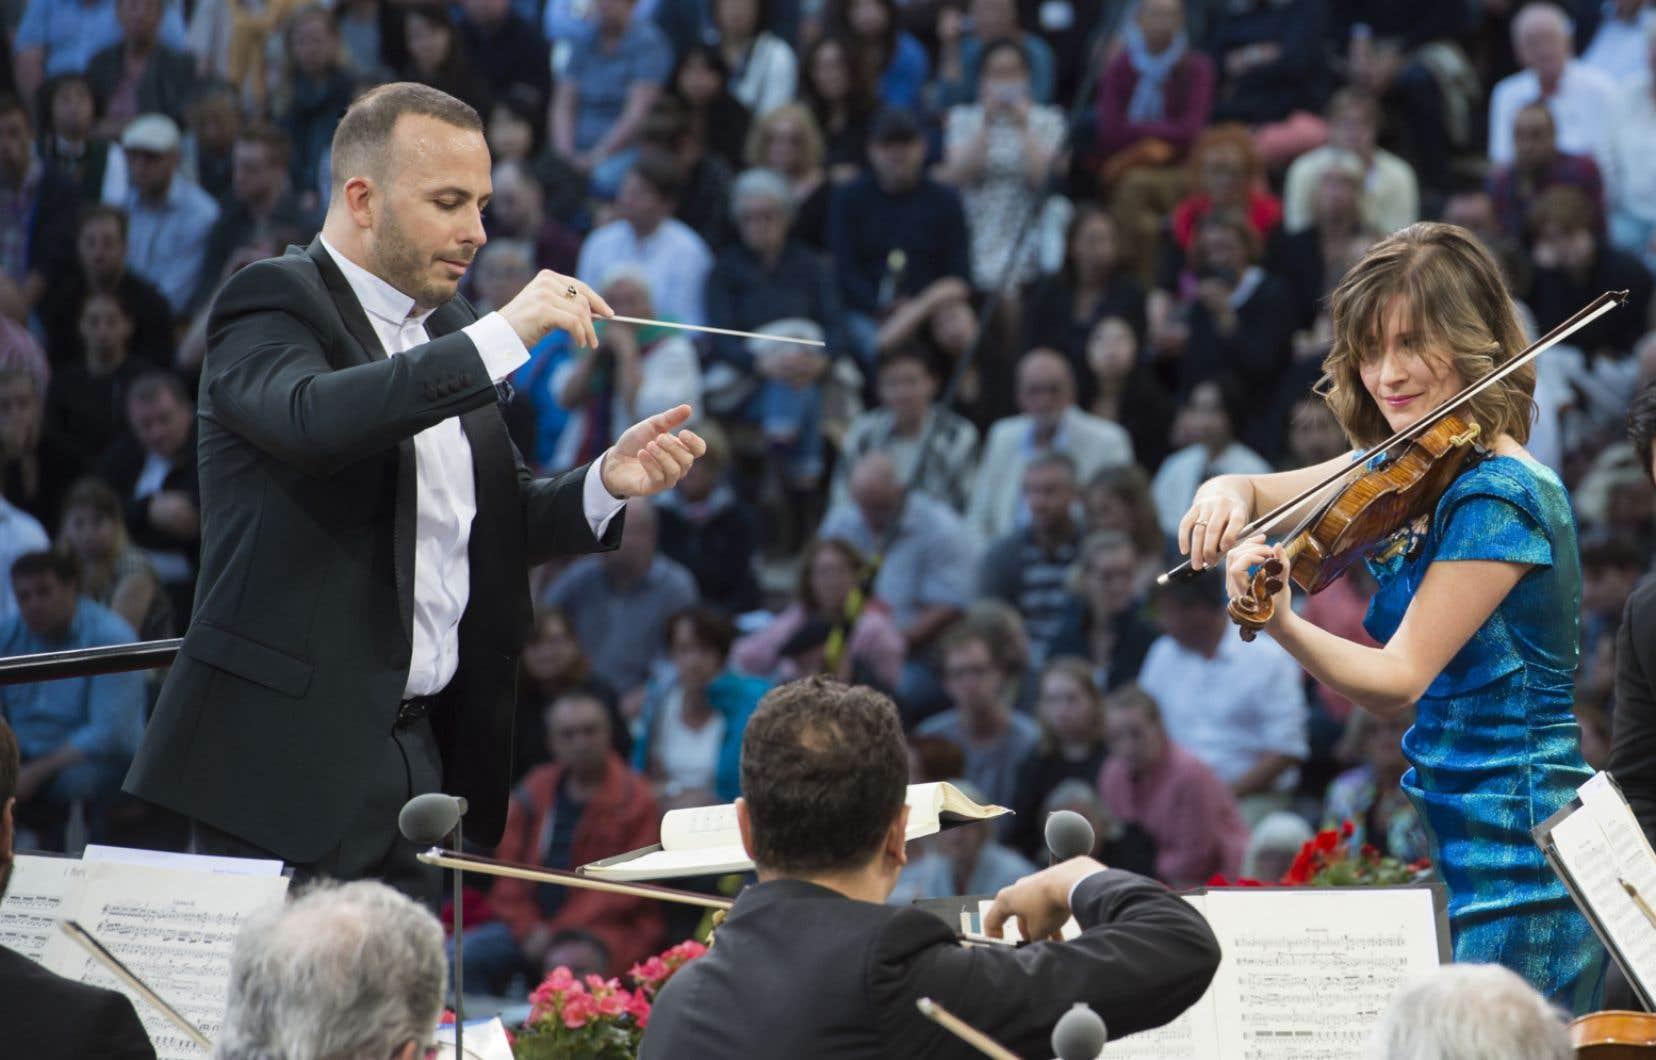 Le chef Yannick Nézet-Seguin et la violoniste Lisa Batiashvili en concert avec le Philharmonique de Berlin à la Waldbühne de Berlin en 2016